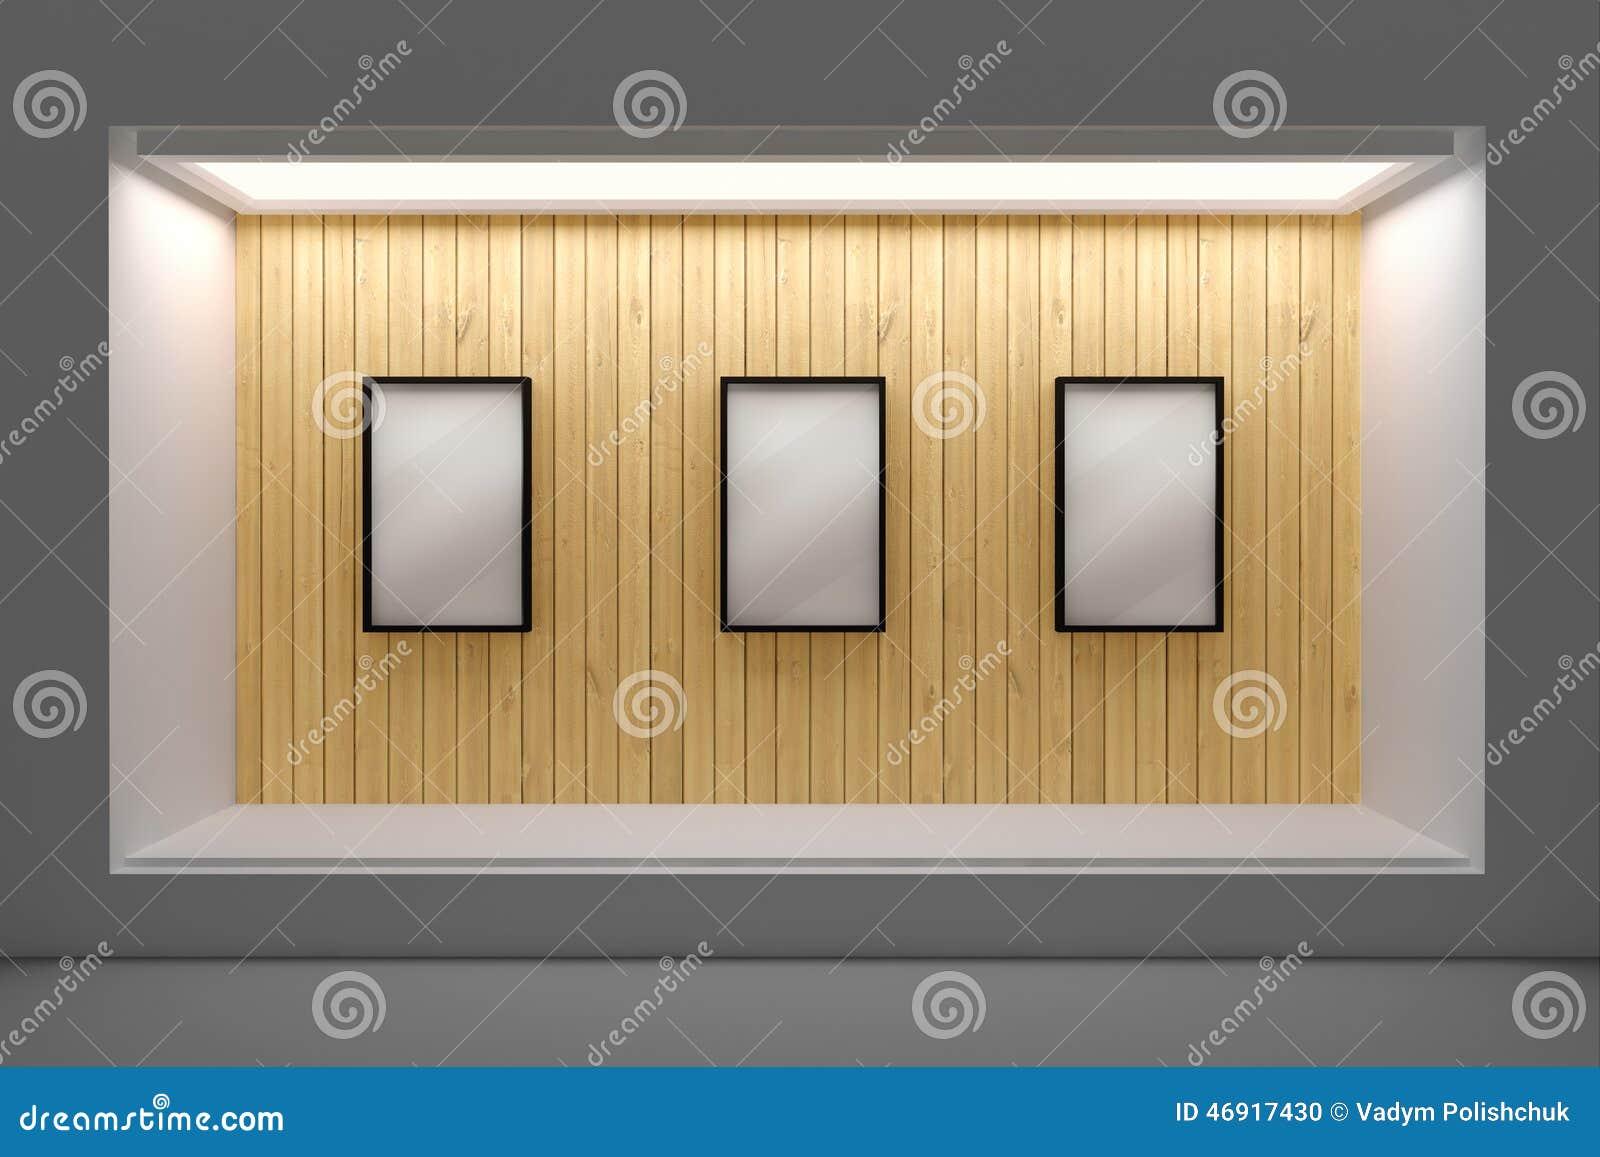 devanture de magasin ou podium vide avec l 39 clairage et une grande fen tre illustration stock. Black Bedroom Furniture Sets. Home Design Ideas